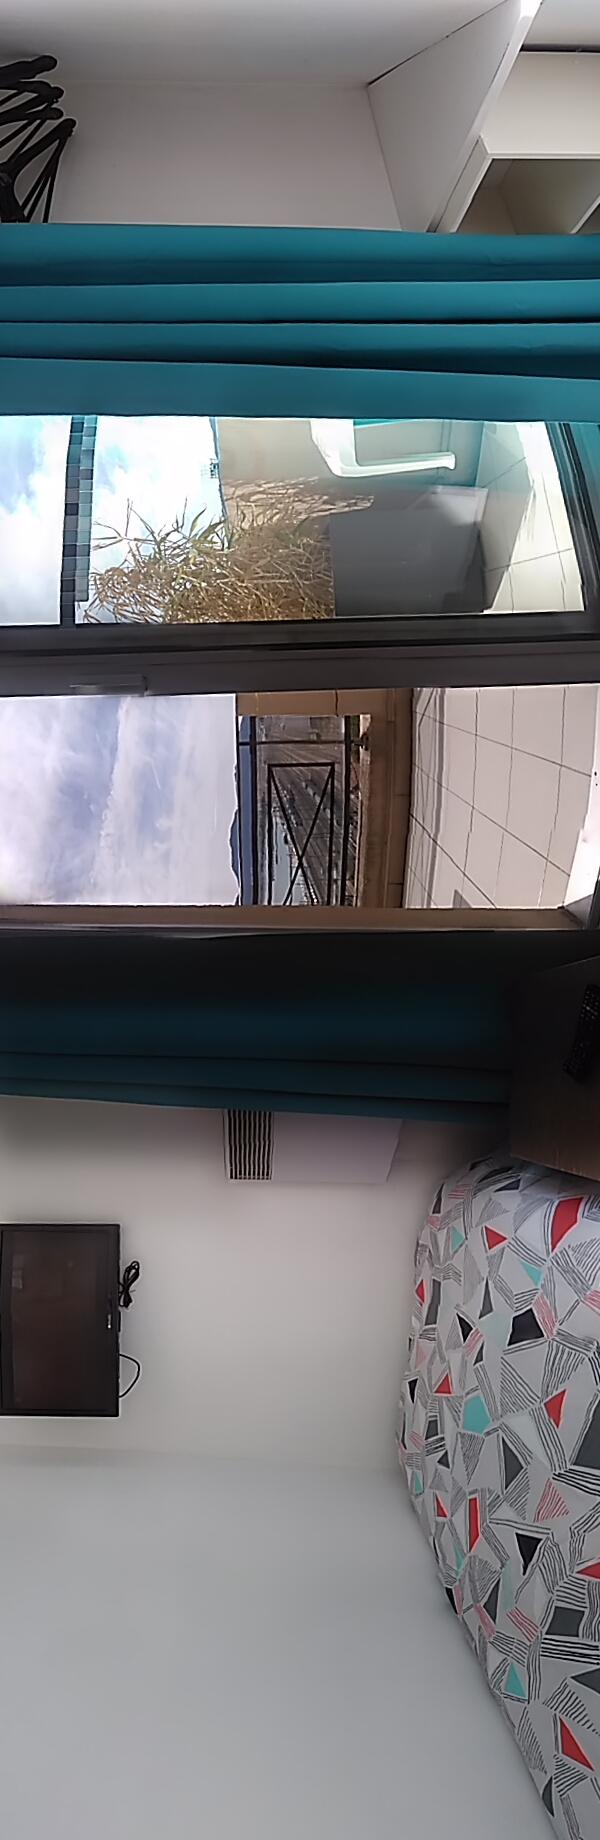 cabine sur terrasse